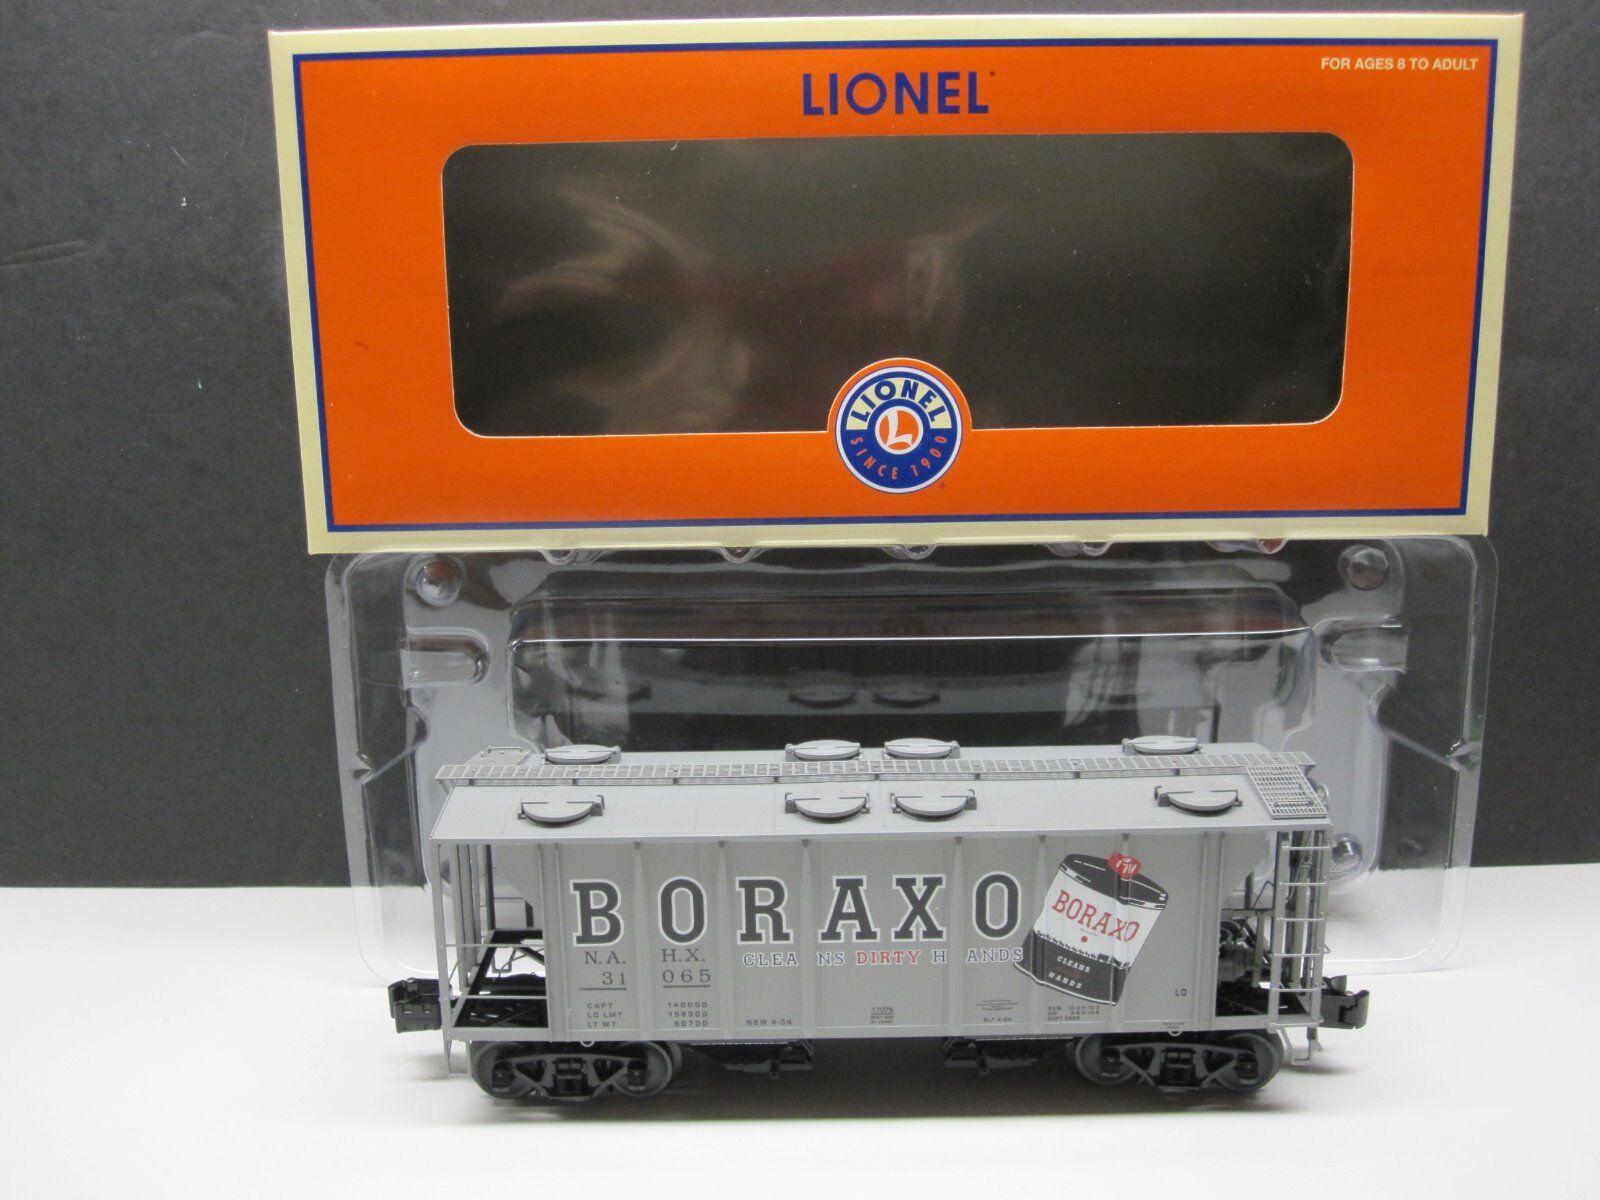 LIONEL 6-17079 O SCALE BORAXO PS-2 2 BAY COVErosso HOPPER AND ORIGINAL BOX